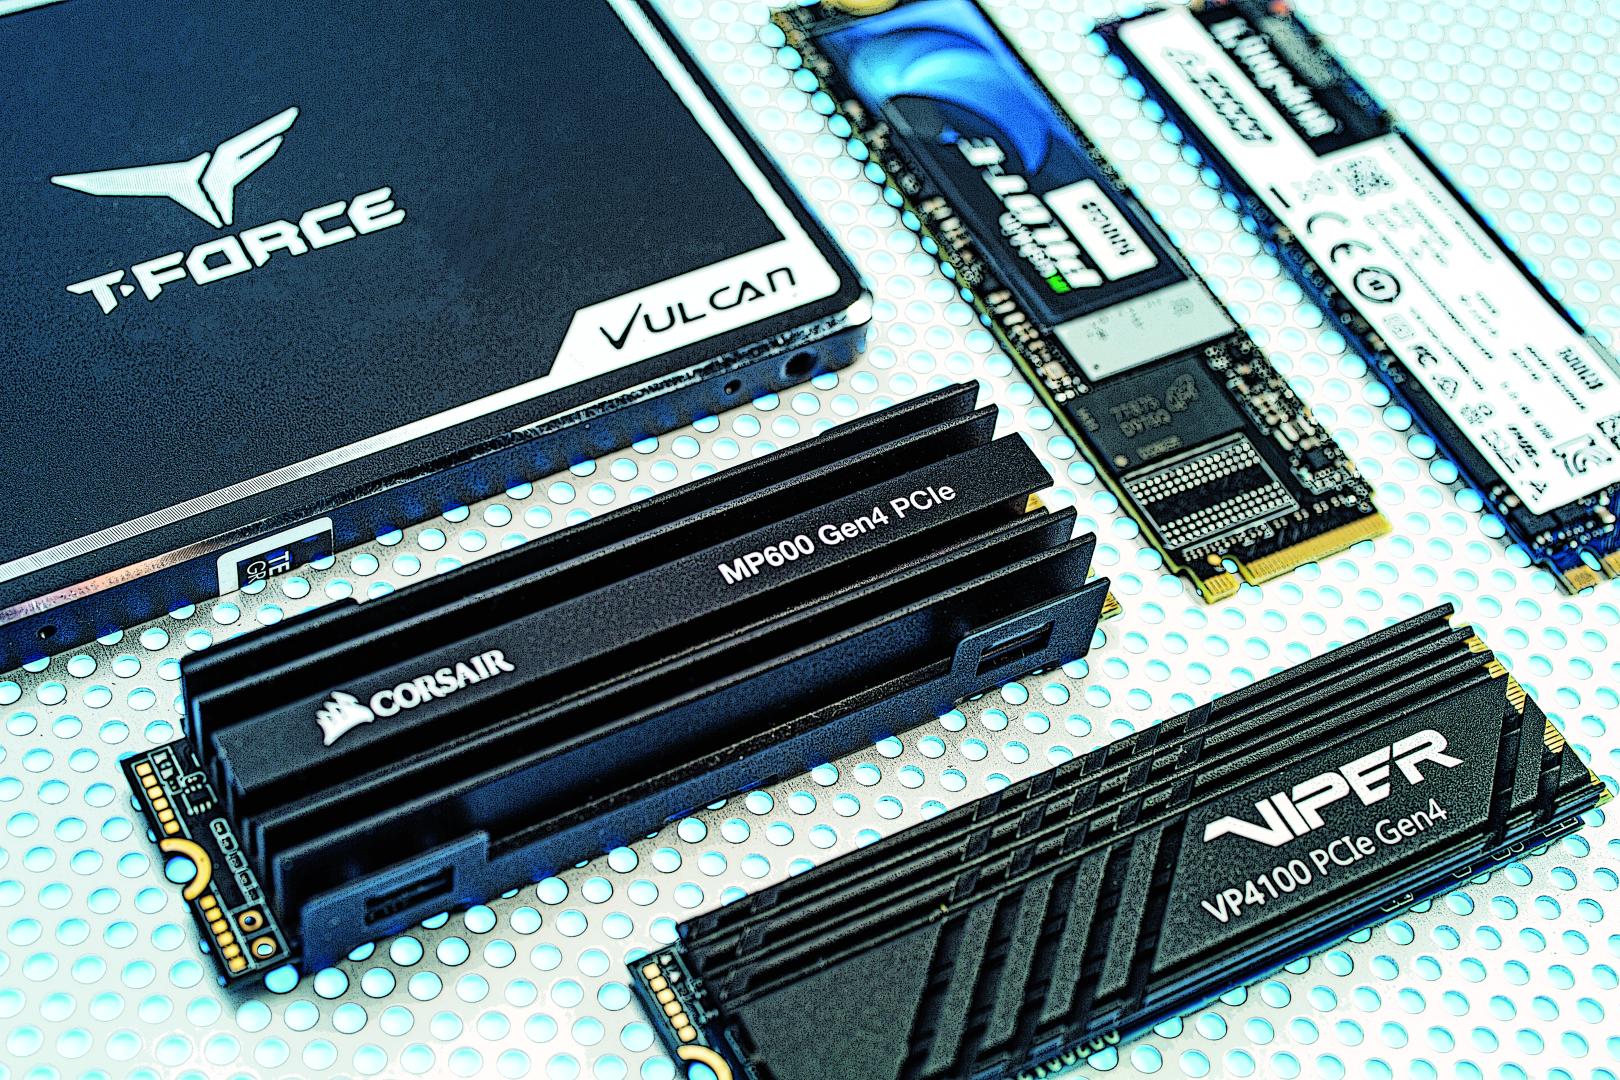 SSD met PCIe 4.0 vs 3.0 vs SATA test review vergelijking vergeleken versus ssd